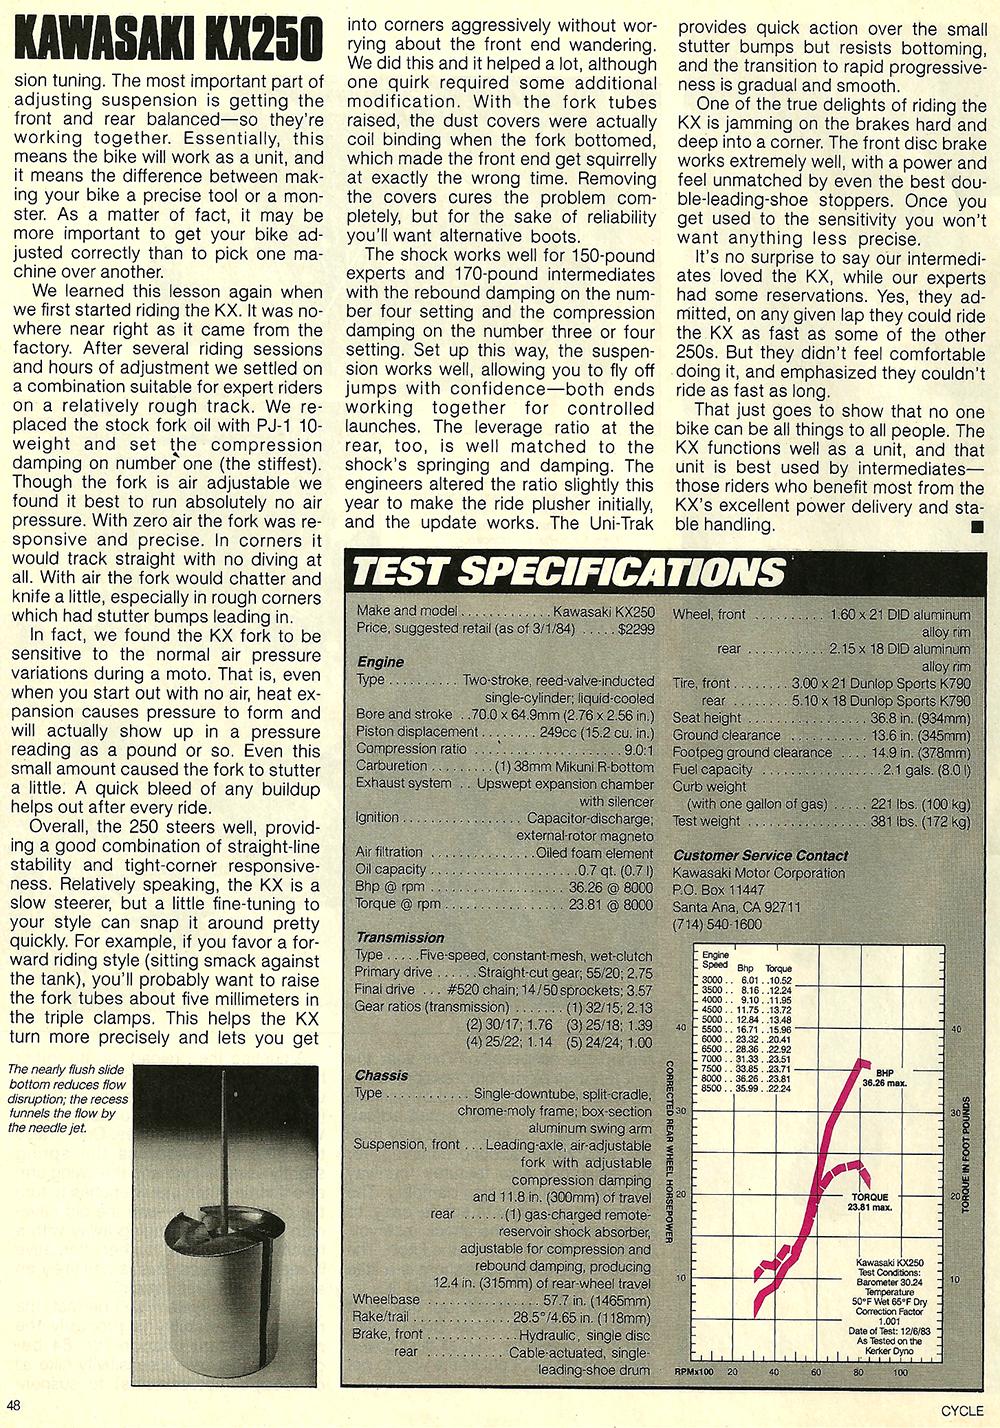 1984 Kawasaki KX250 road test 7.jpg